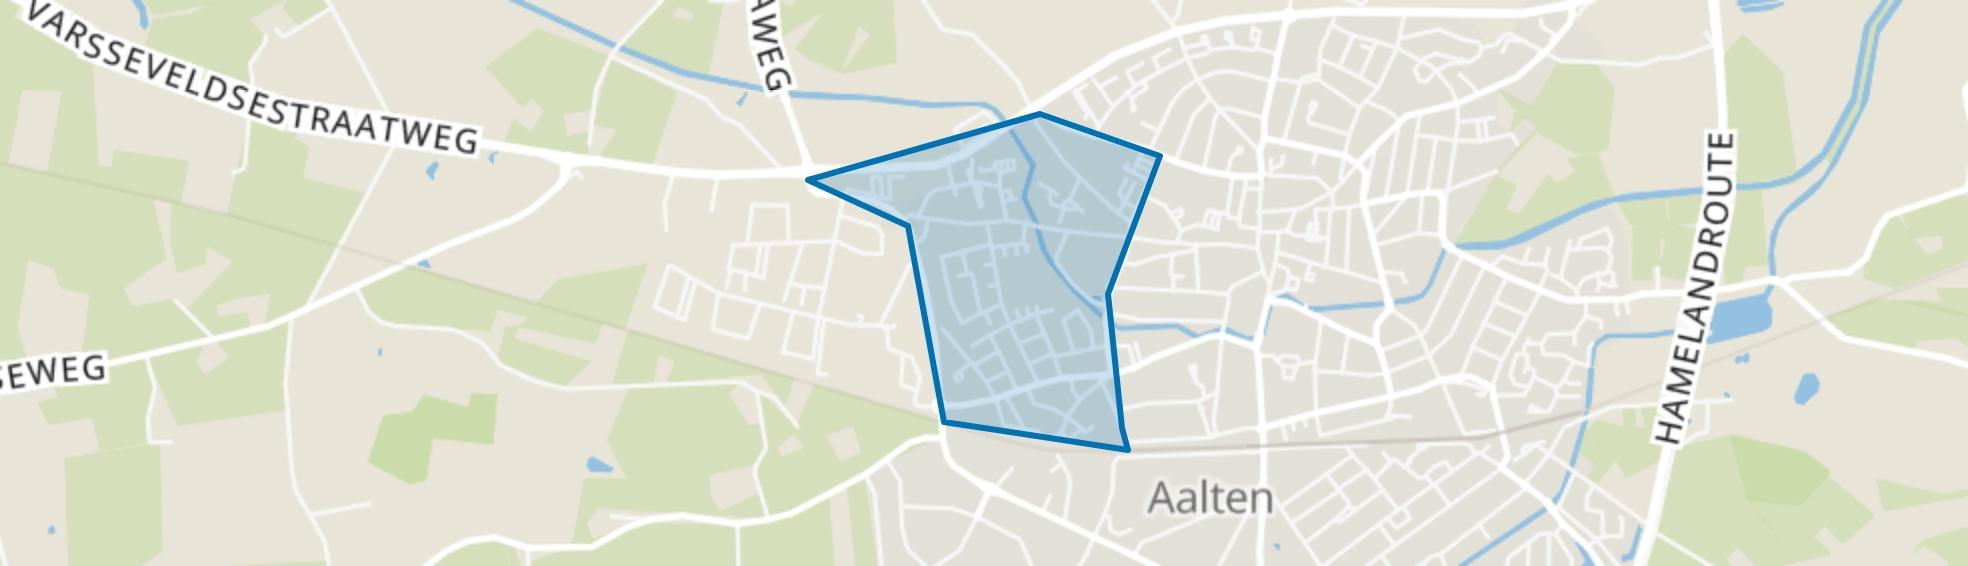 Aalten-kern West, Aalten map